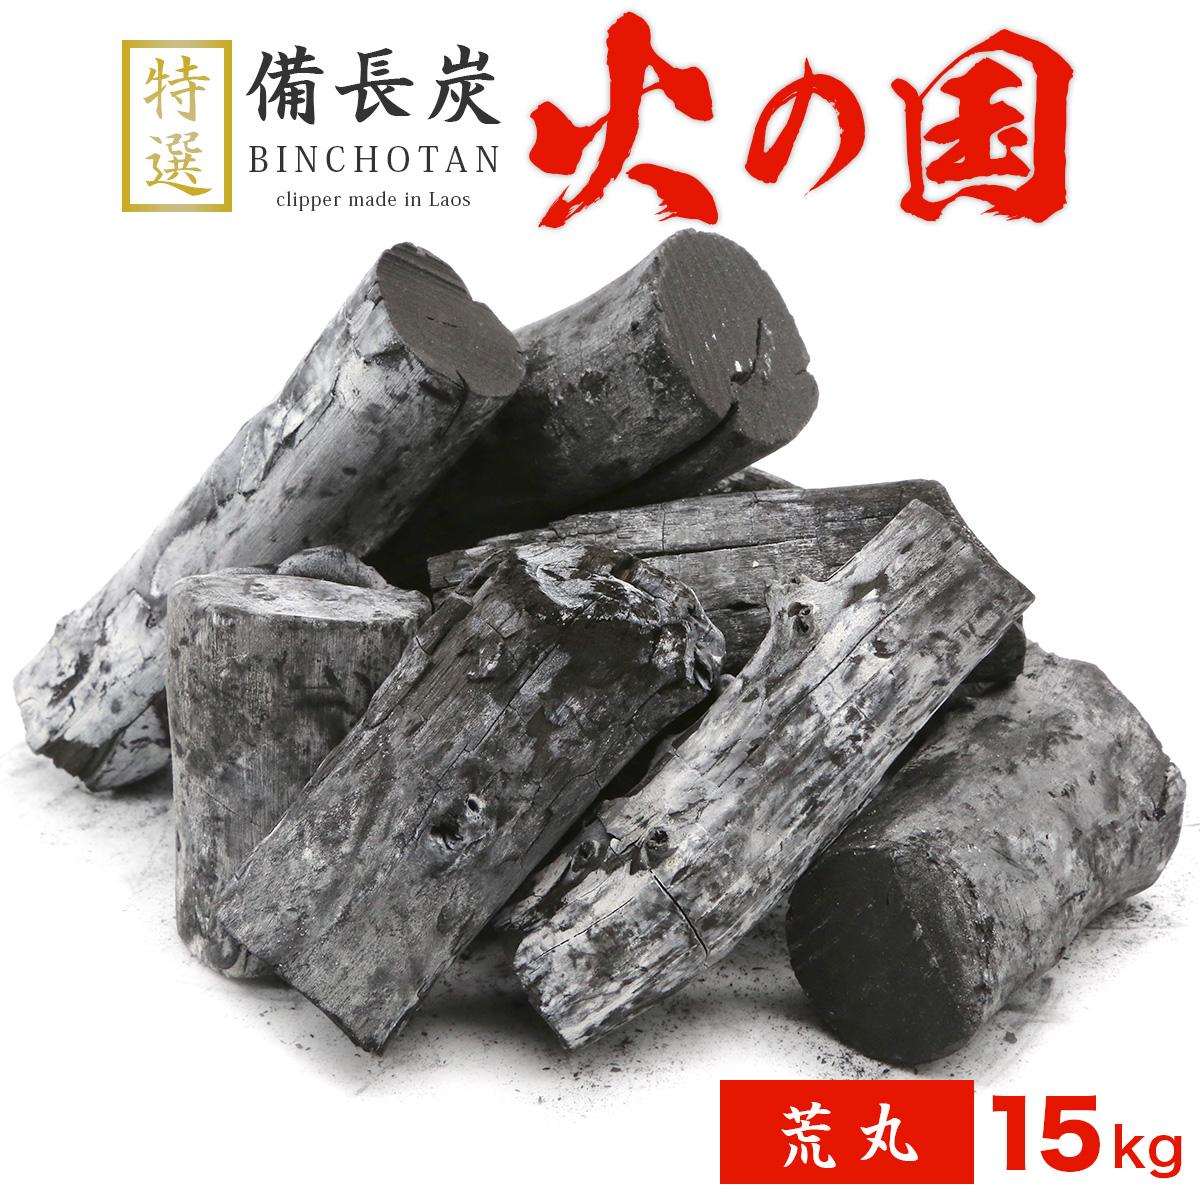 火の国備長炭(ラオス産) 荒丸 15kg 長さ 4〜10cm / 直径 2〜4cm Sサイズ(焼き鳥)